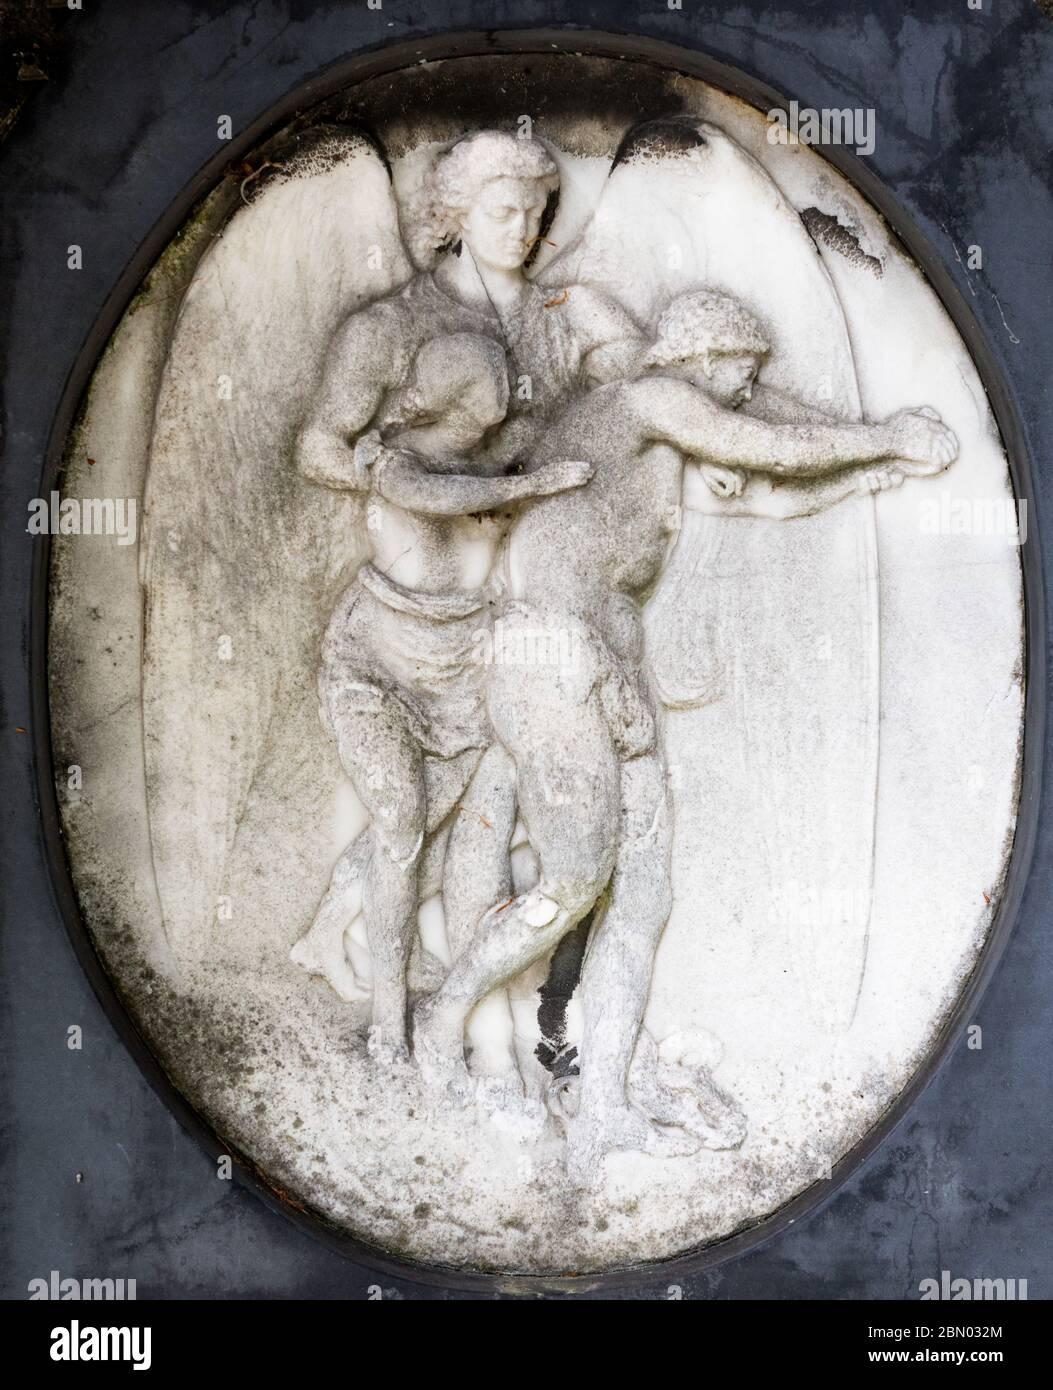 Bajo relieve de dos figuras incisas en una tumba en el cementerio de Brompton, Kensington, Londres; uno de los cementerios de Londres 'Magnificent Seven', construido en 1840 Foto de stock